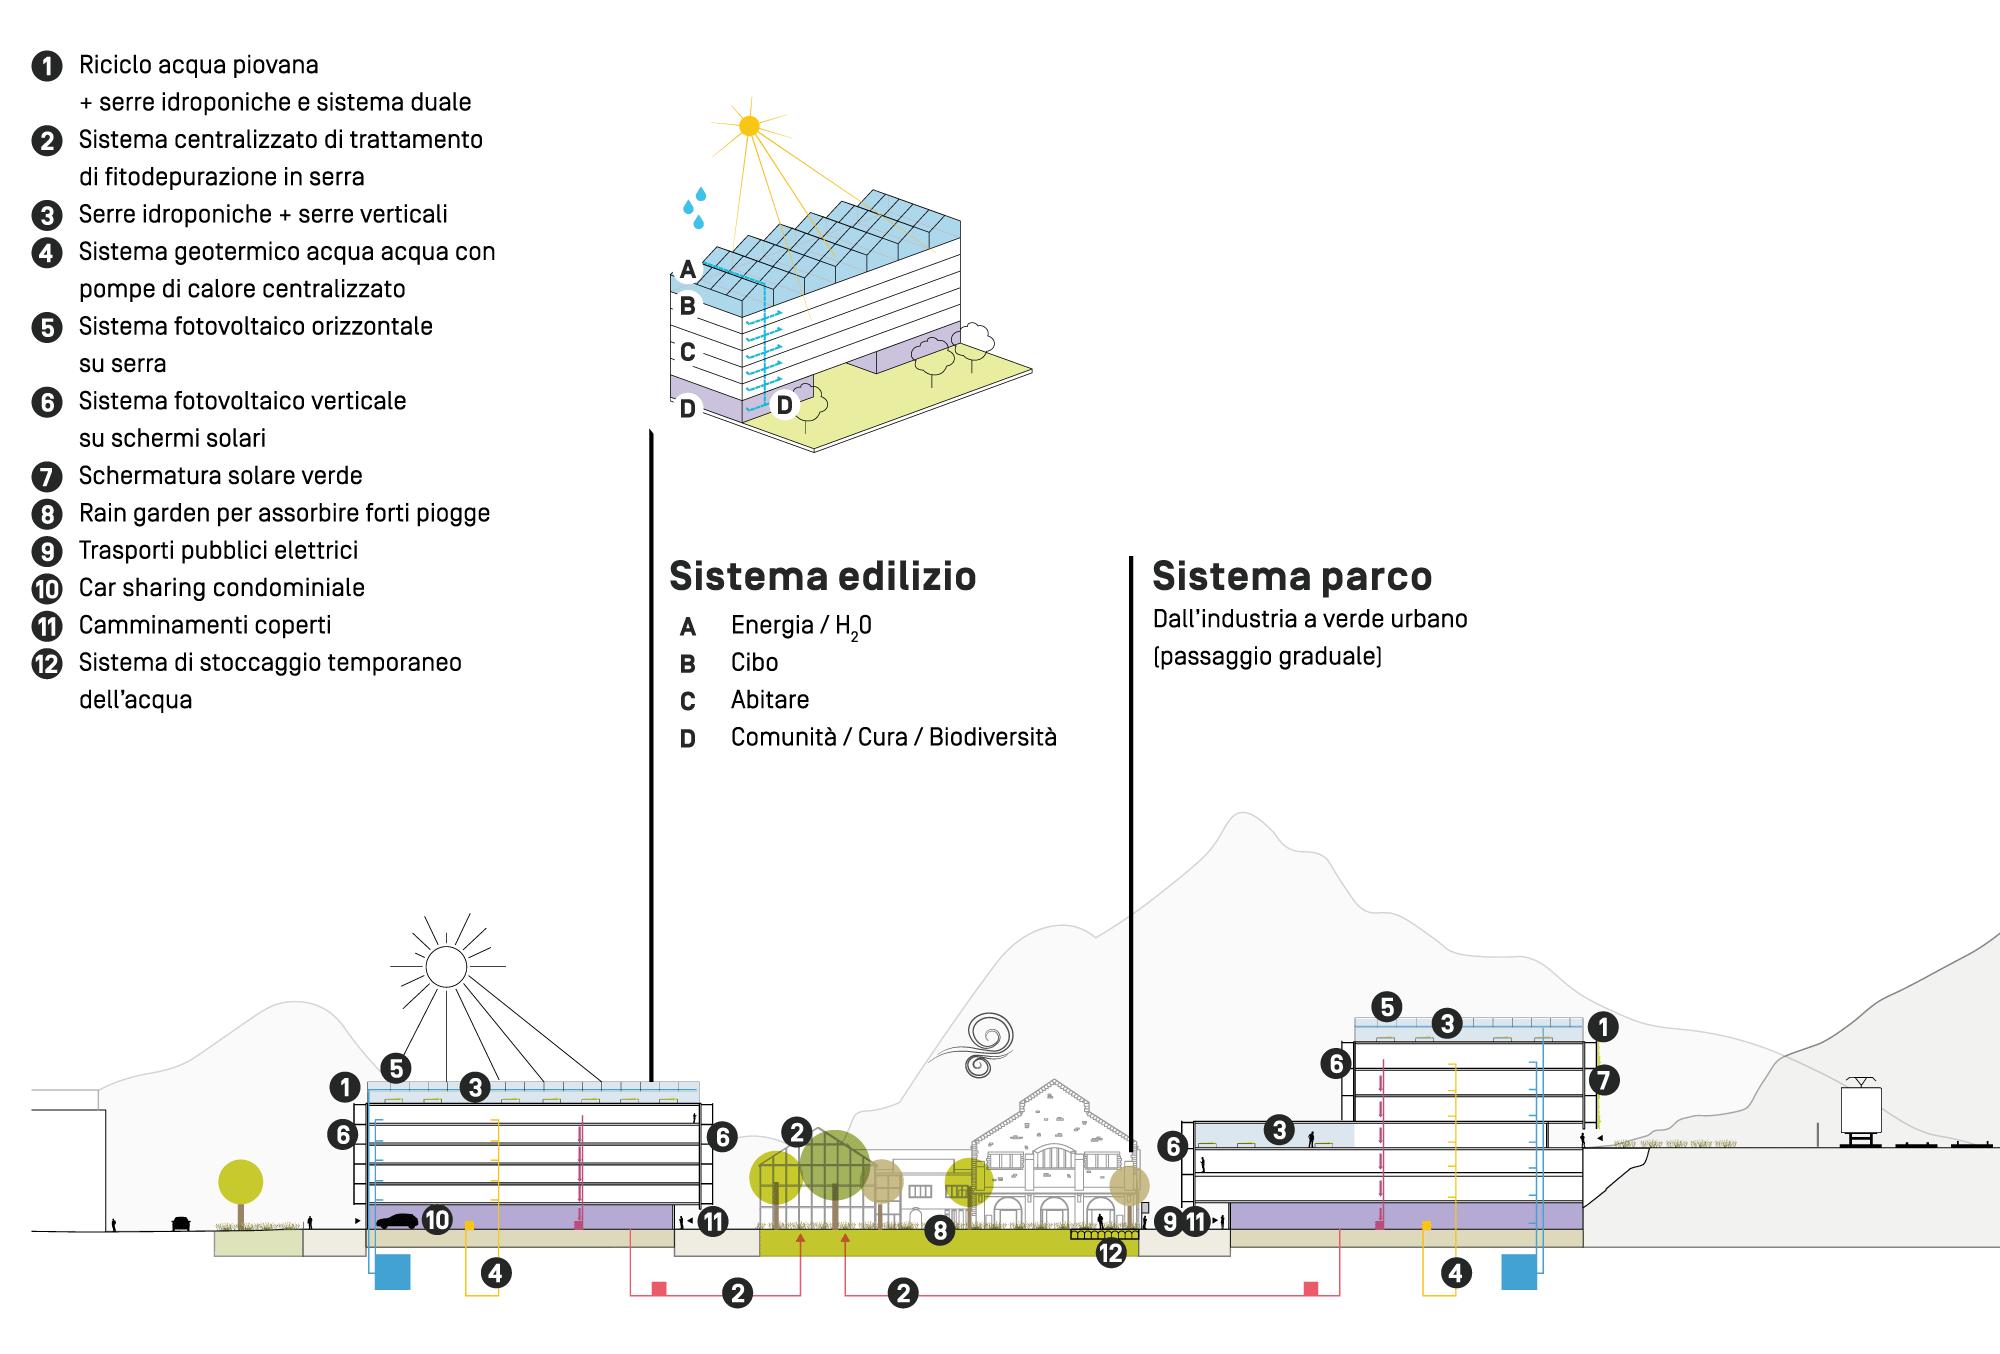 Obiettivi sostenibilità e resilienza urbana